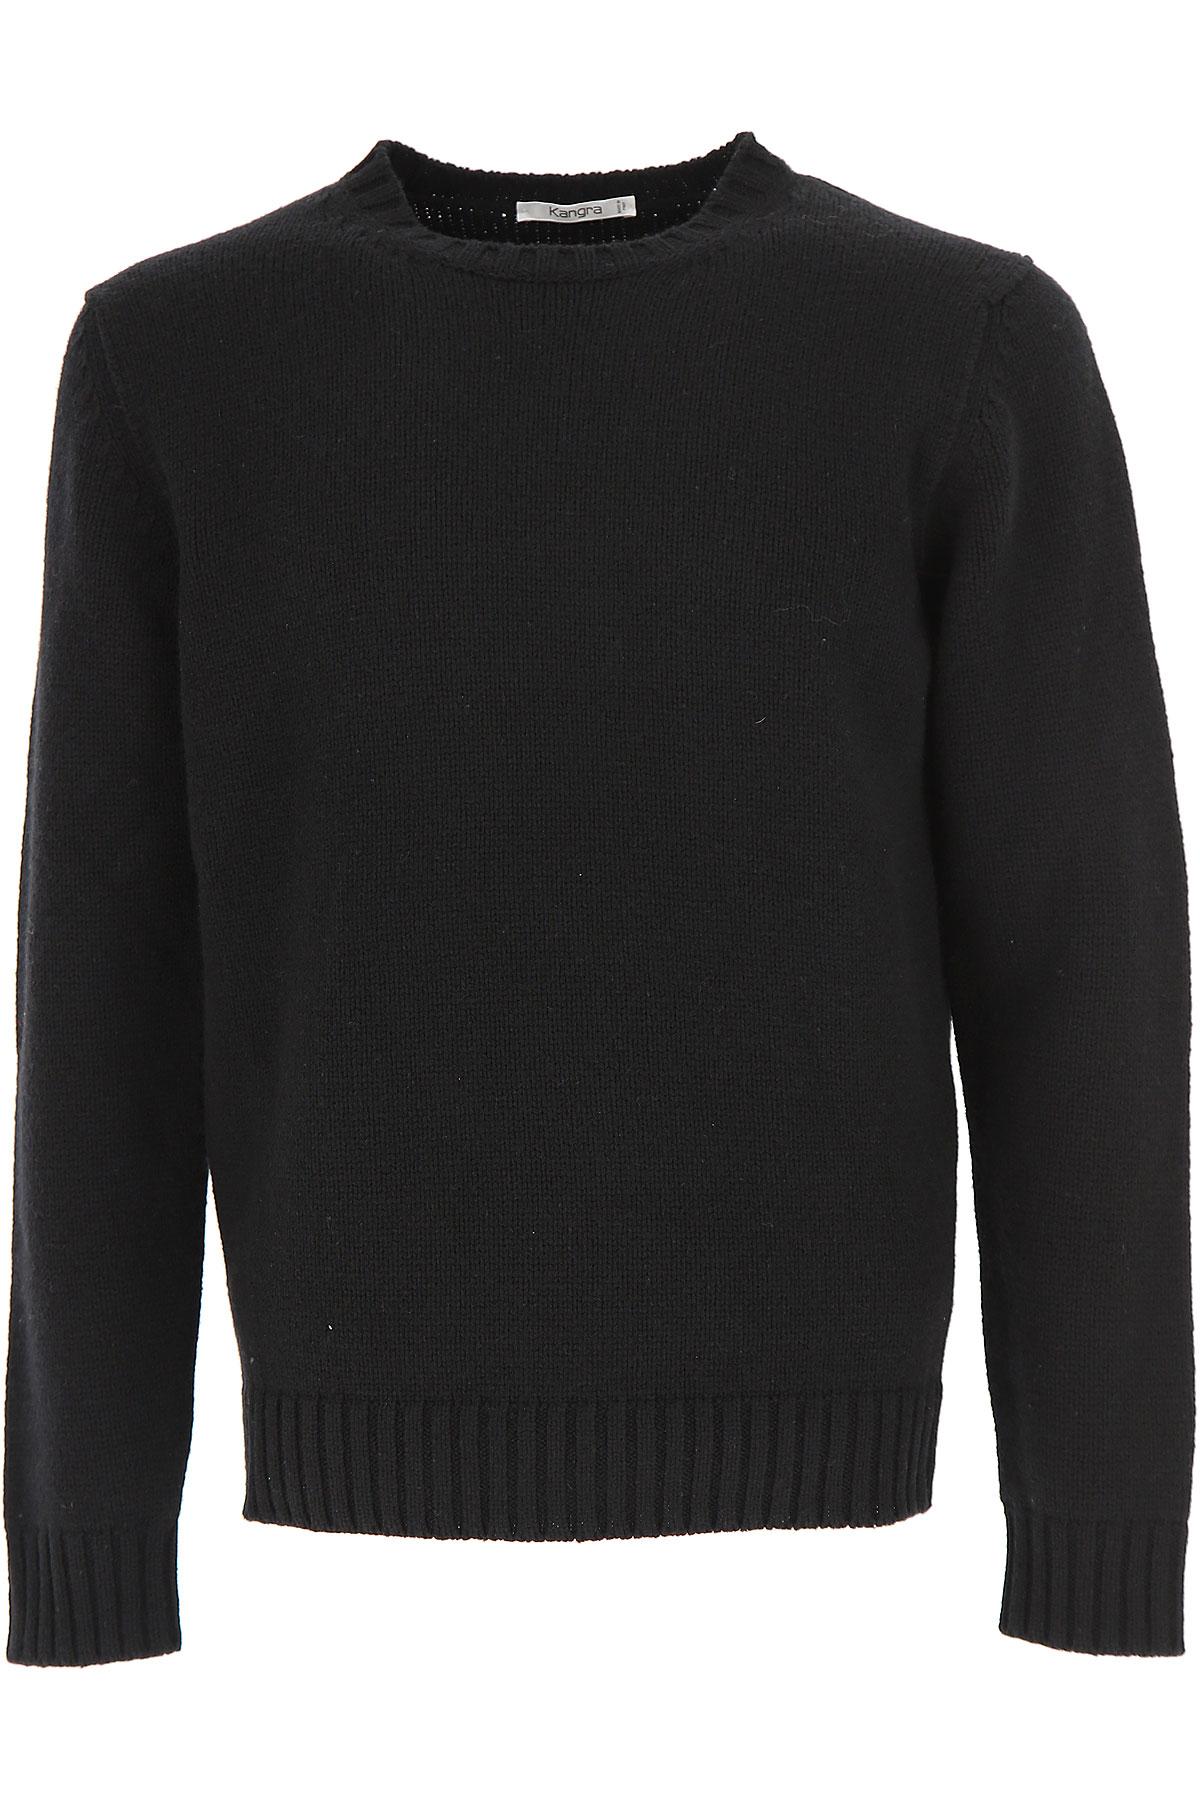 Image of Kangra Sweater for Men Jumper, Black, Wool, 2017, 2 - Uk/Usa M - Ita 48 3 - Uk/Usa L - Ita 50 4 - Uk/Usa XL - Ita 52 5 - Uk/Usa XXL - Ita 54